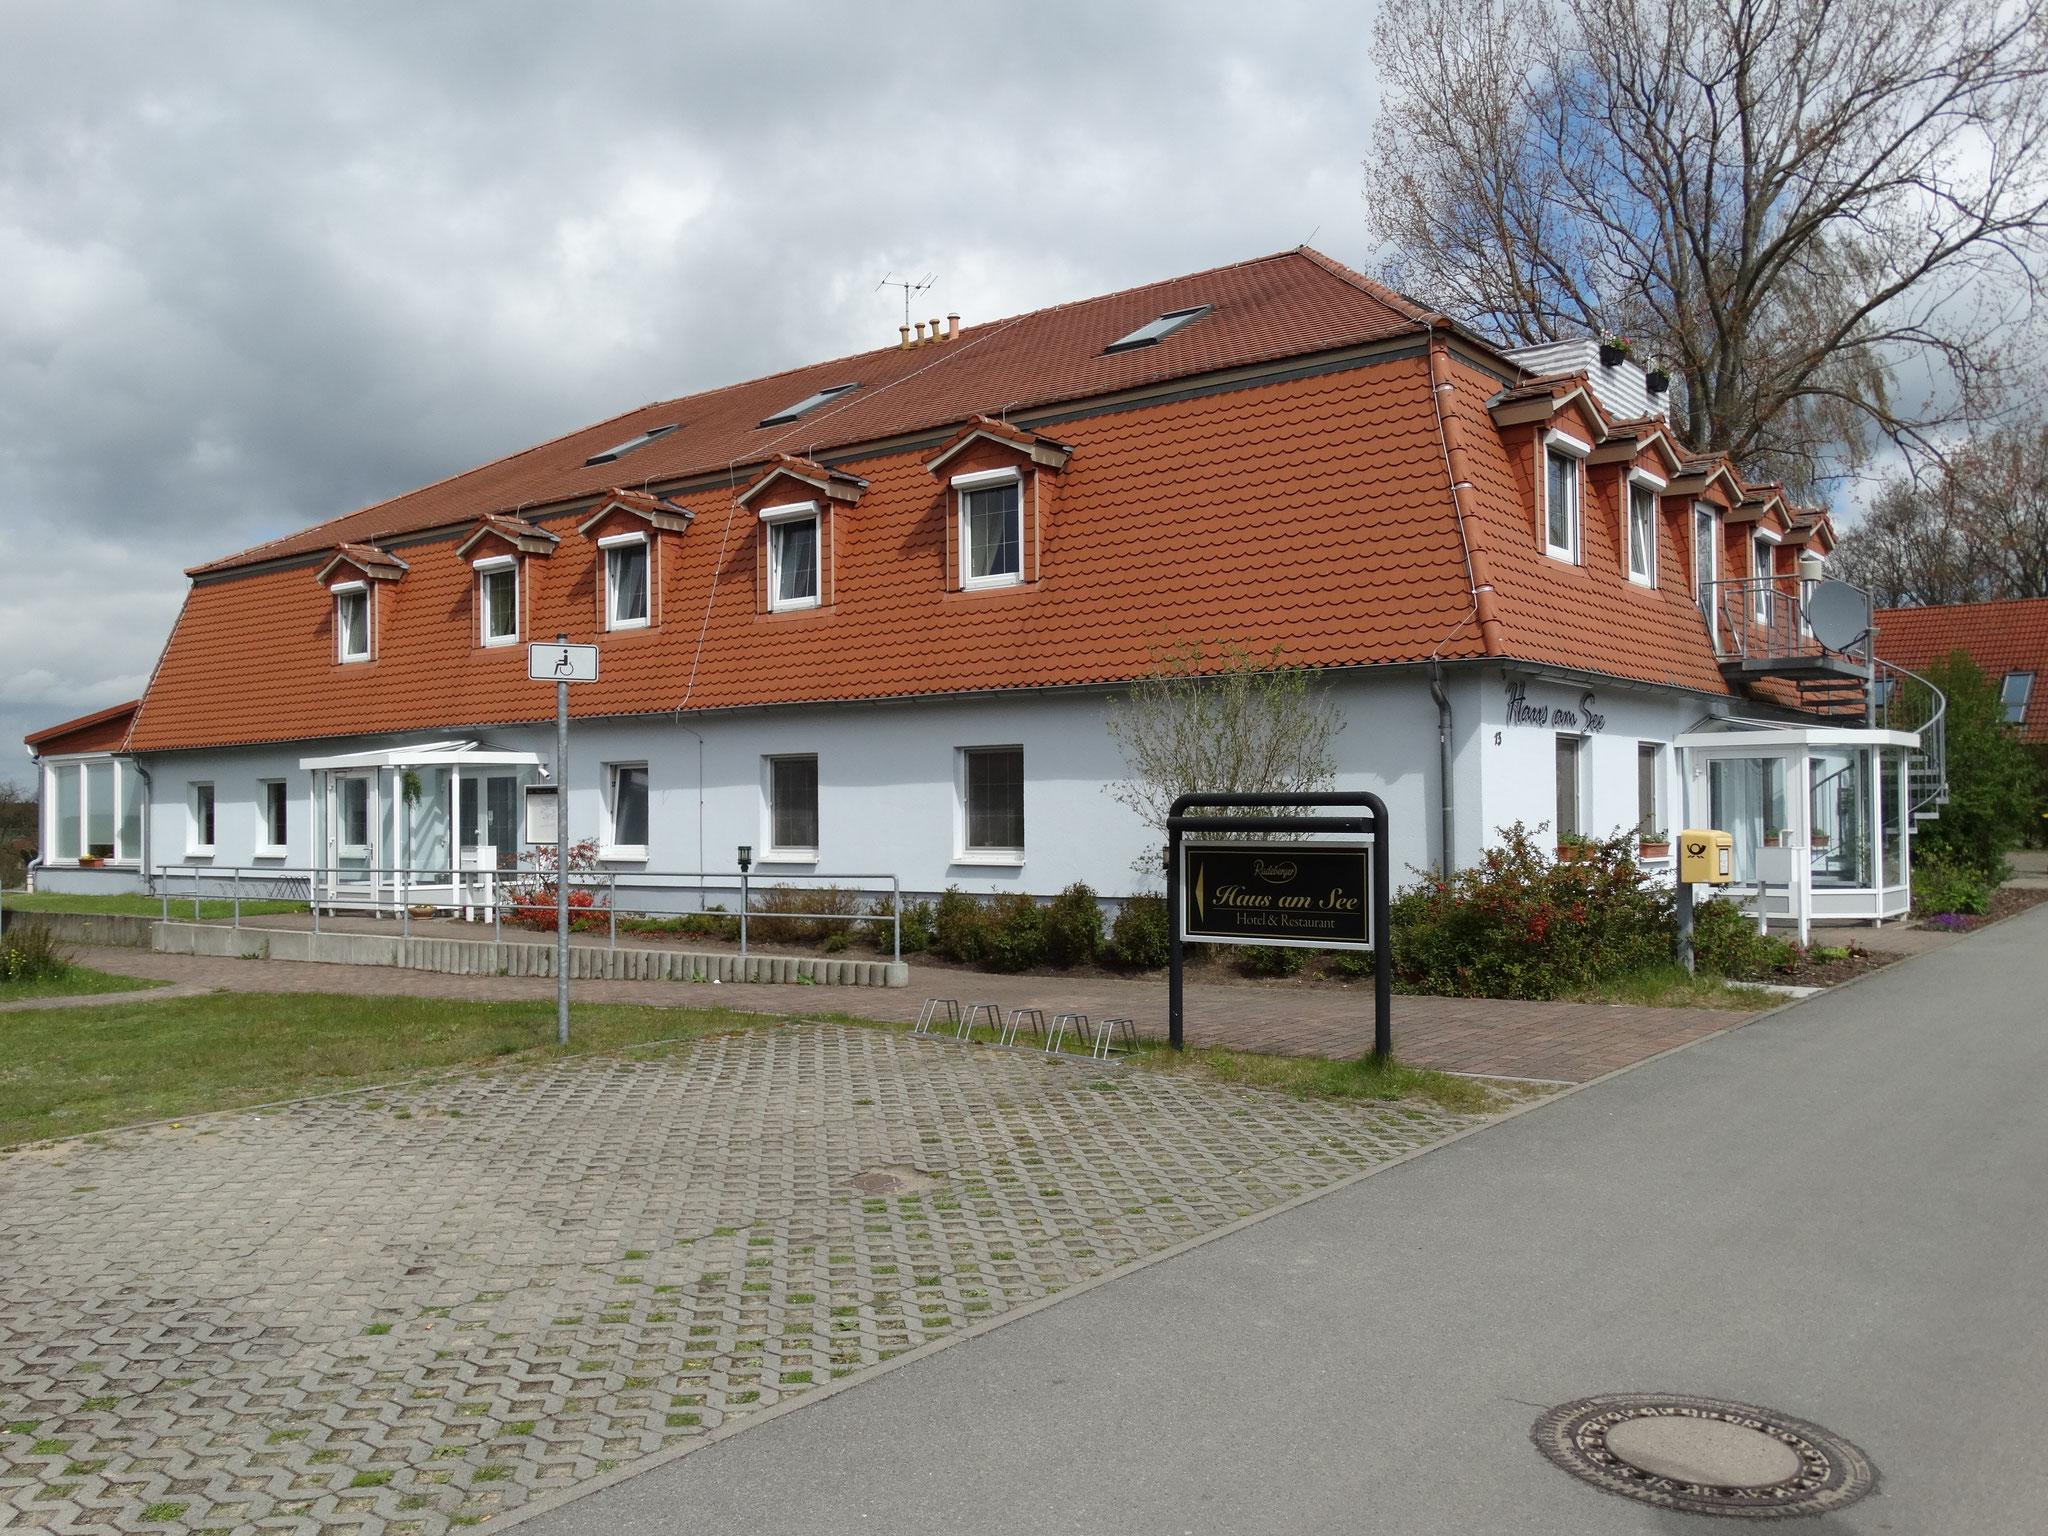 Wohnanlage Am Mühlenberg in 14715 Schollene, Energetische Sanierung